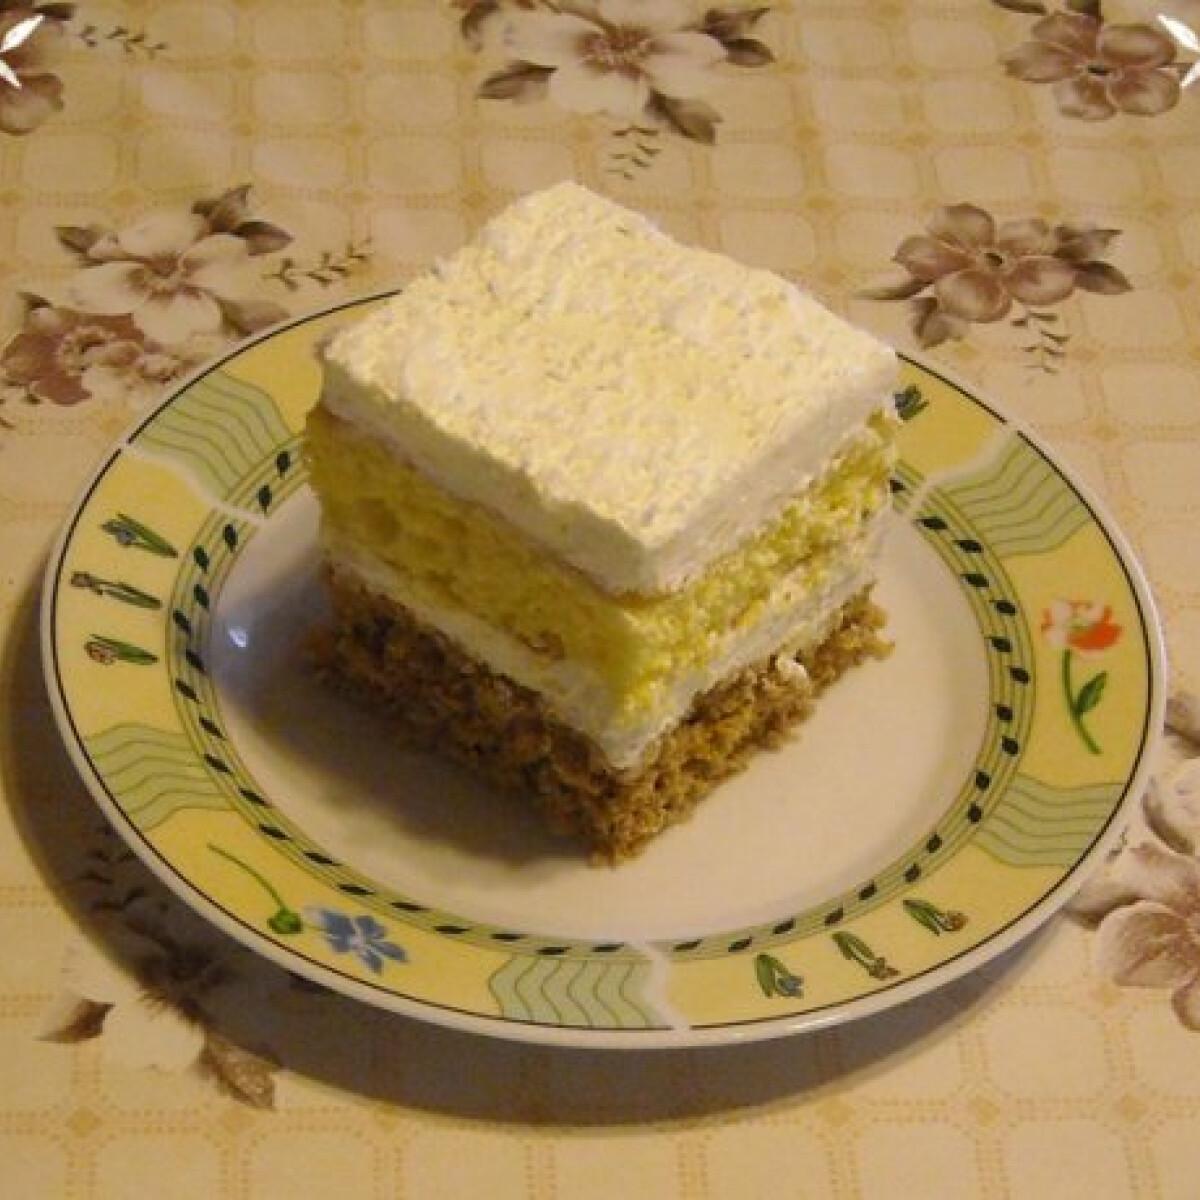 Ezen a képen: Kókuszos kocka Nikóka konyhájából